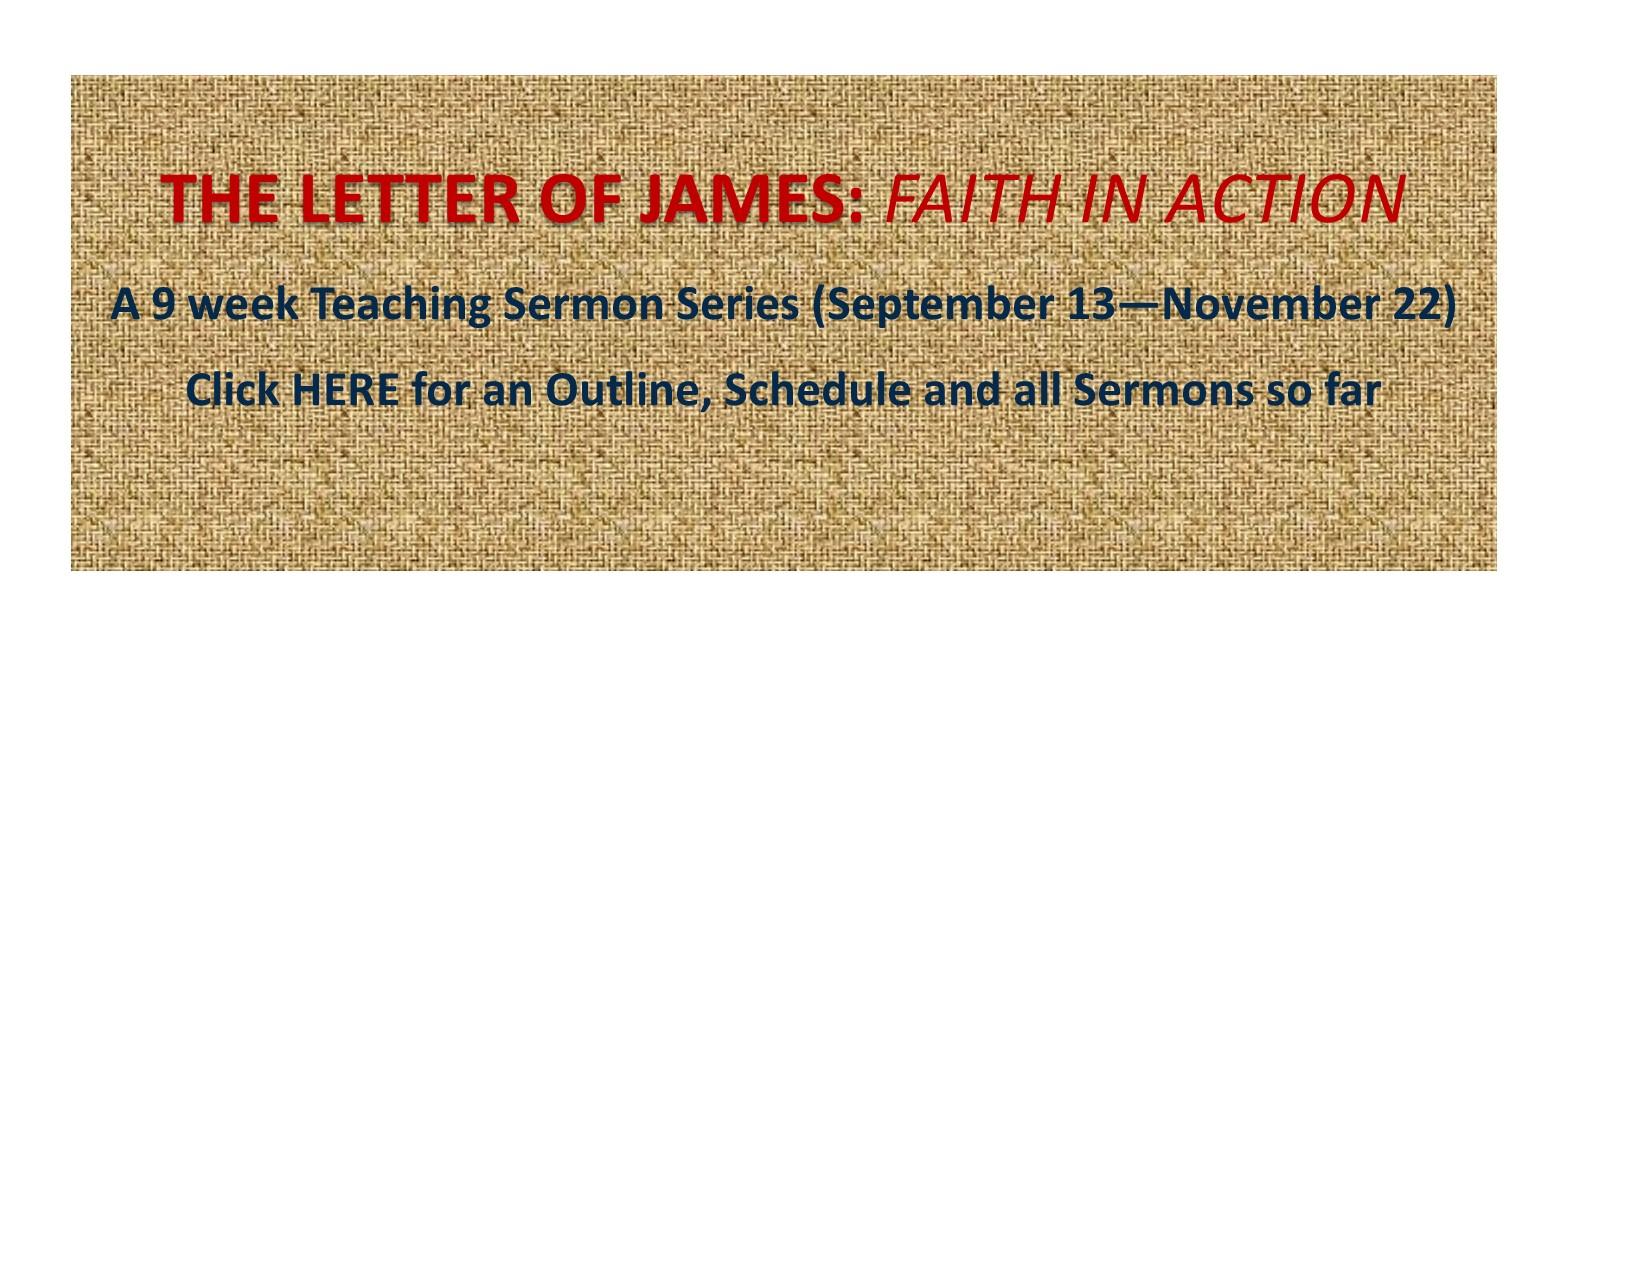 Letter-of-James-web-banner